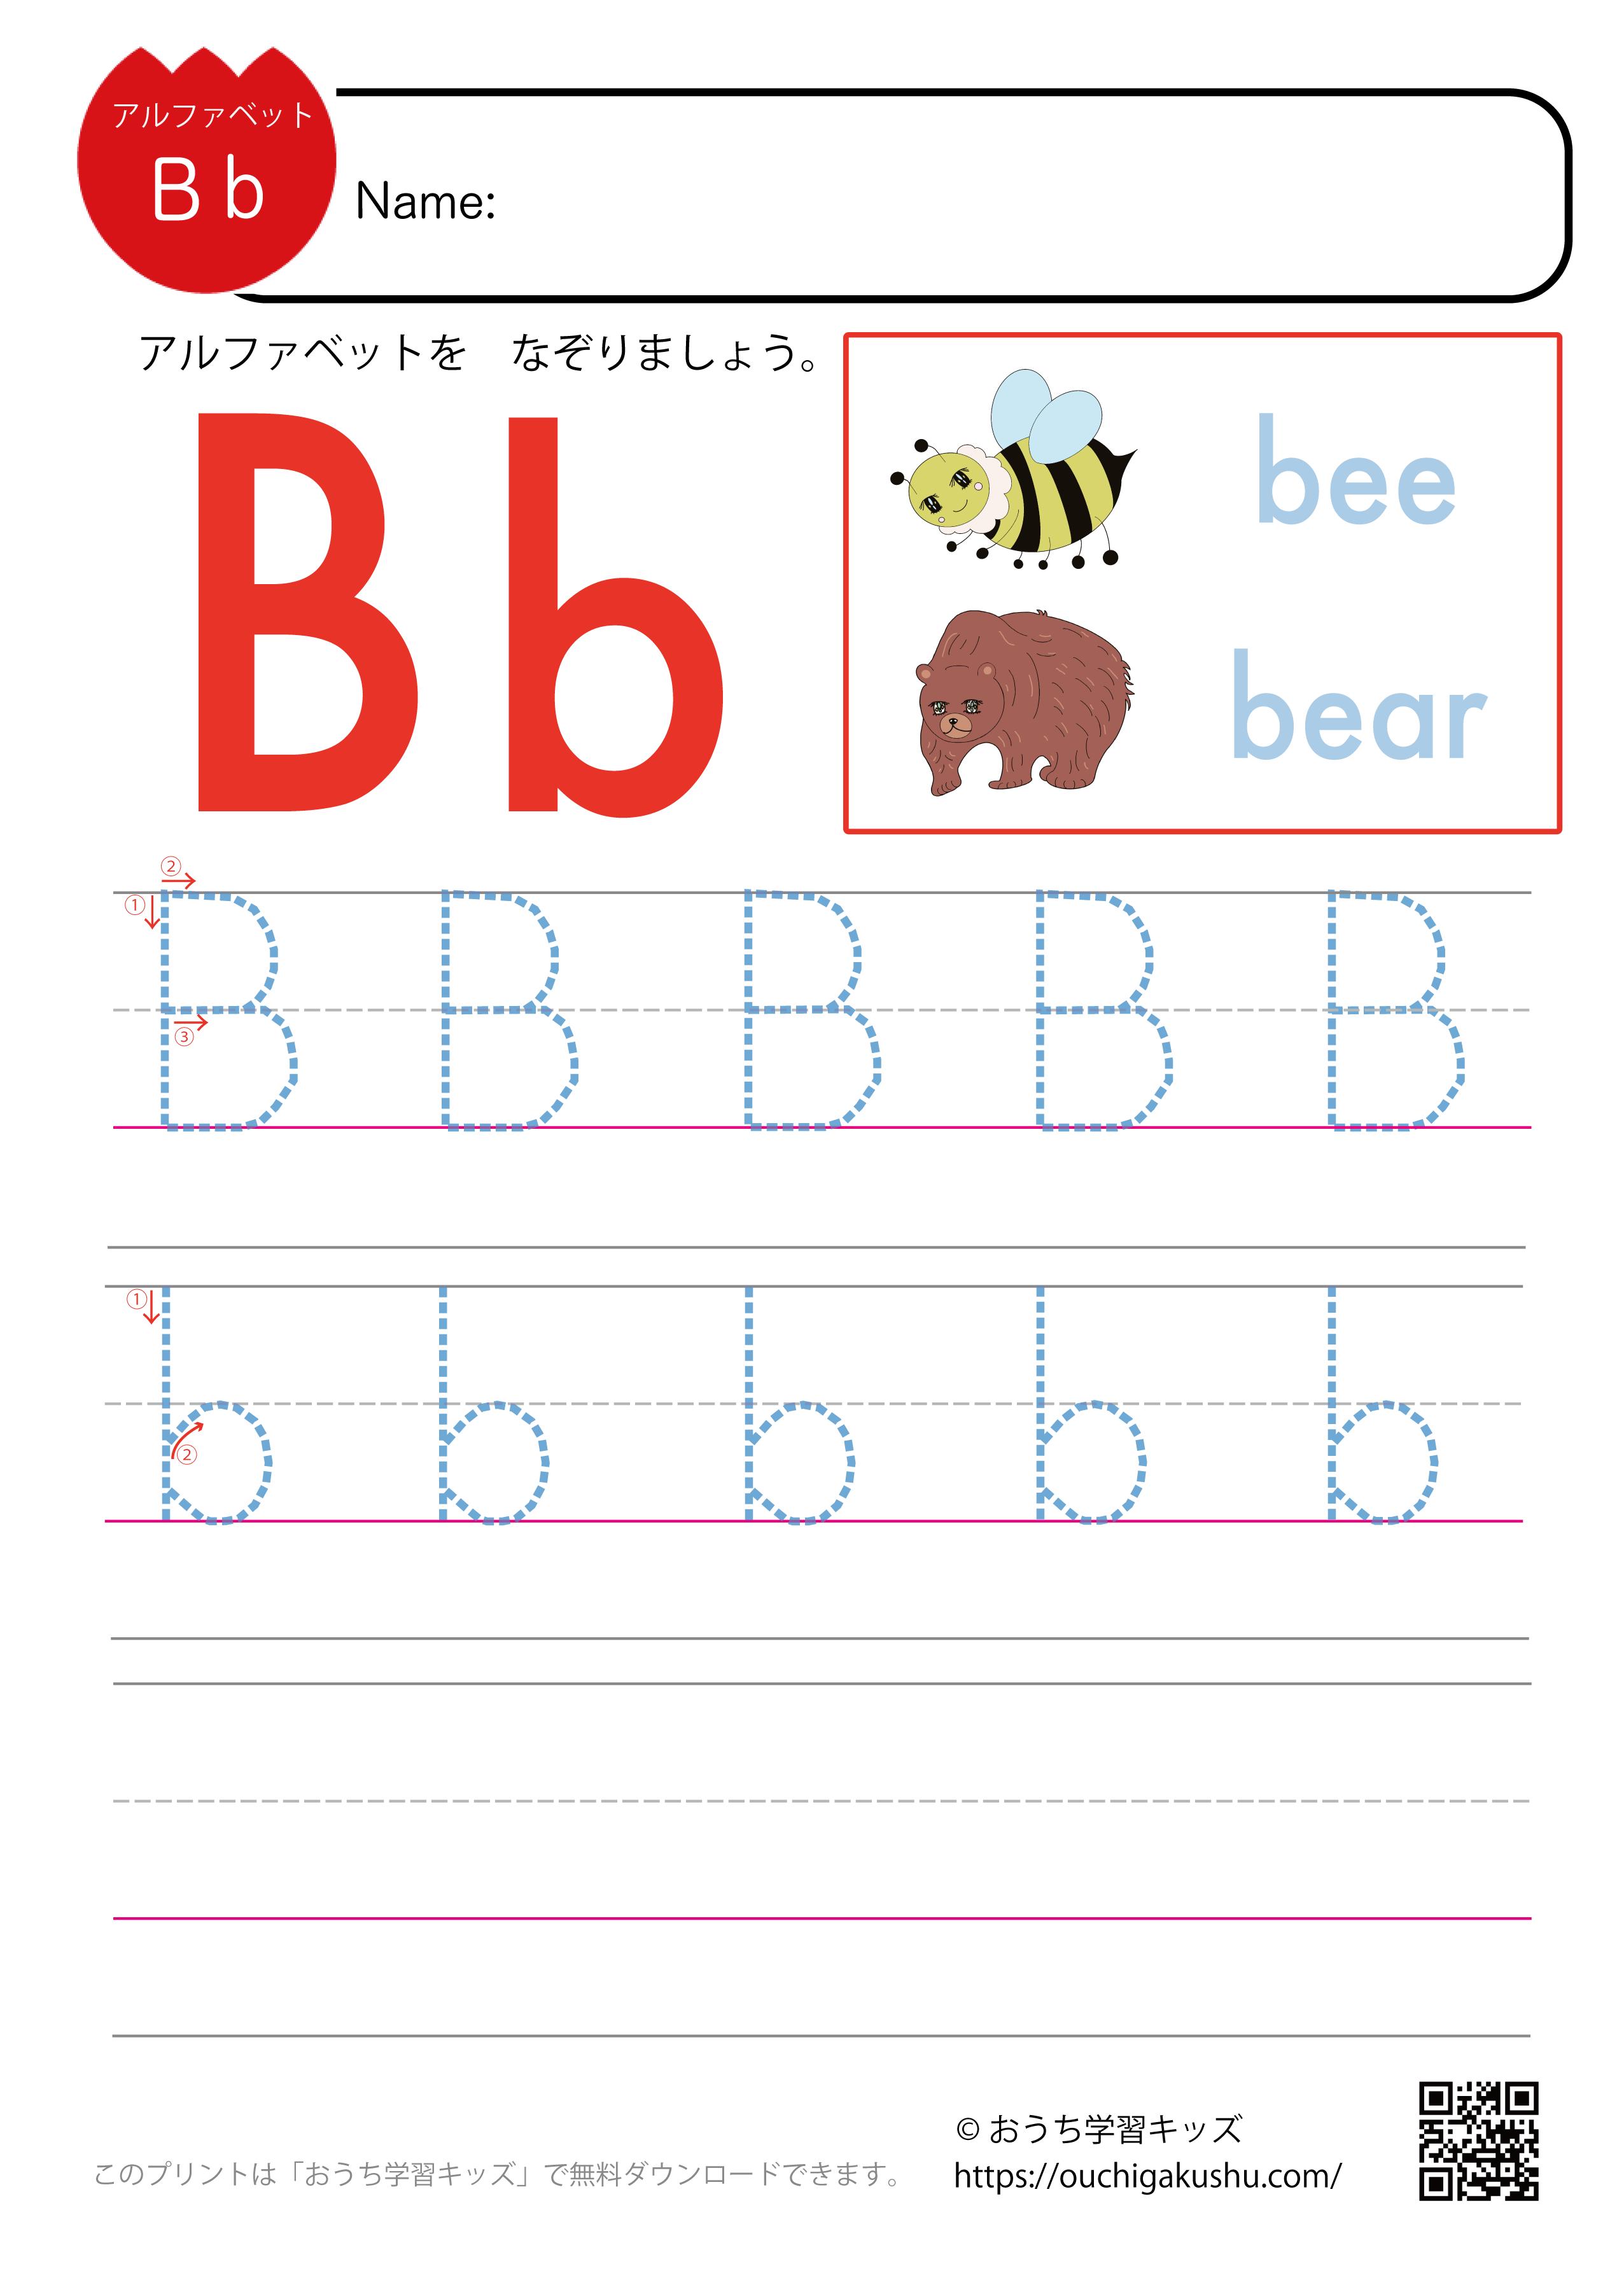 アルファベット練習プリント「B」